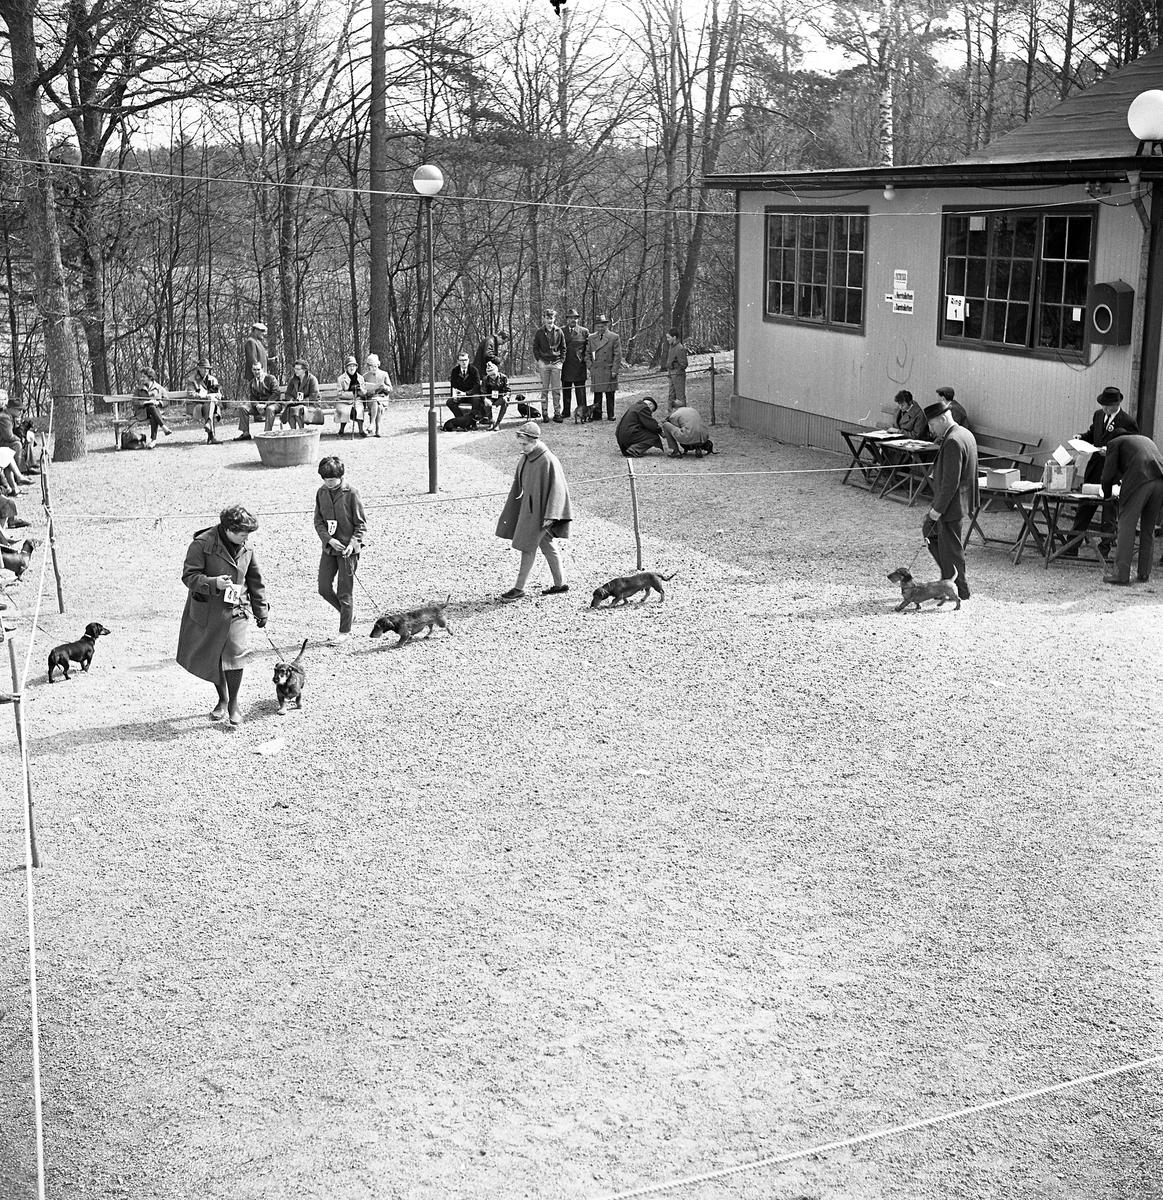 Hundutställning utomhus. Fyra personer visar sina strävhåriga taxar i utställningsringen. Publiken sitter på bänkar och ser på.